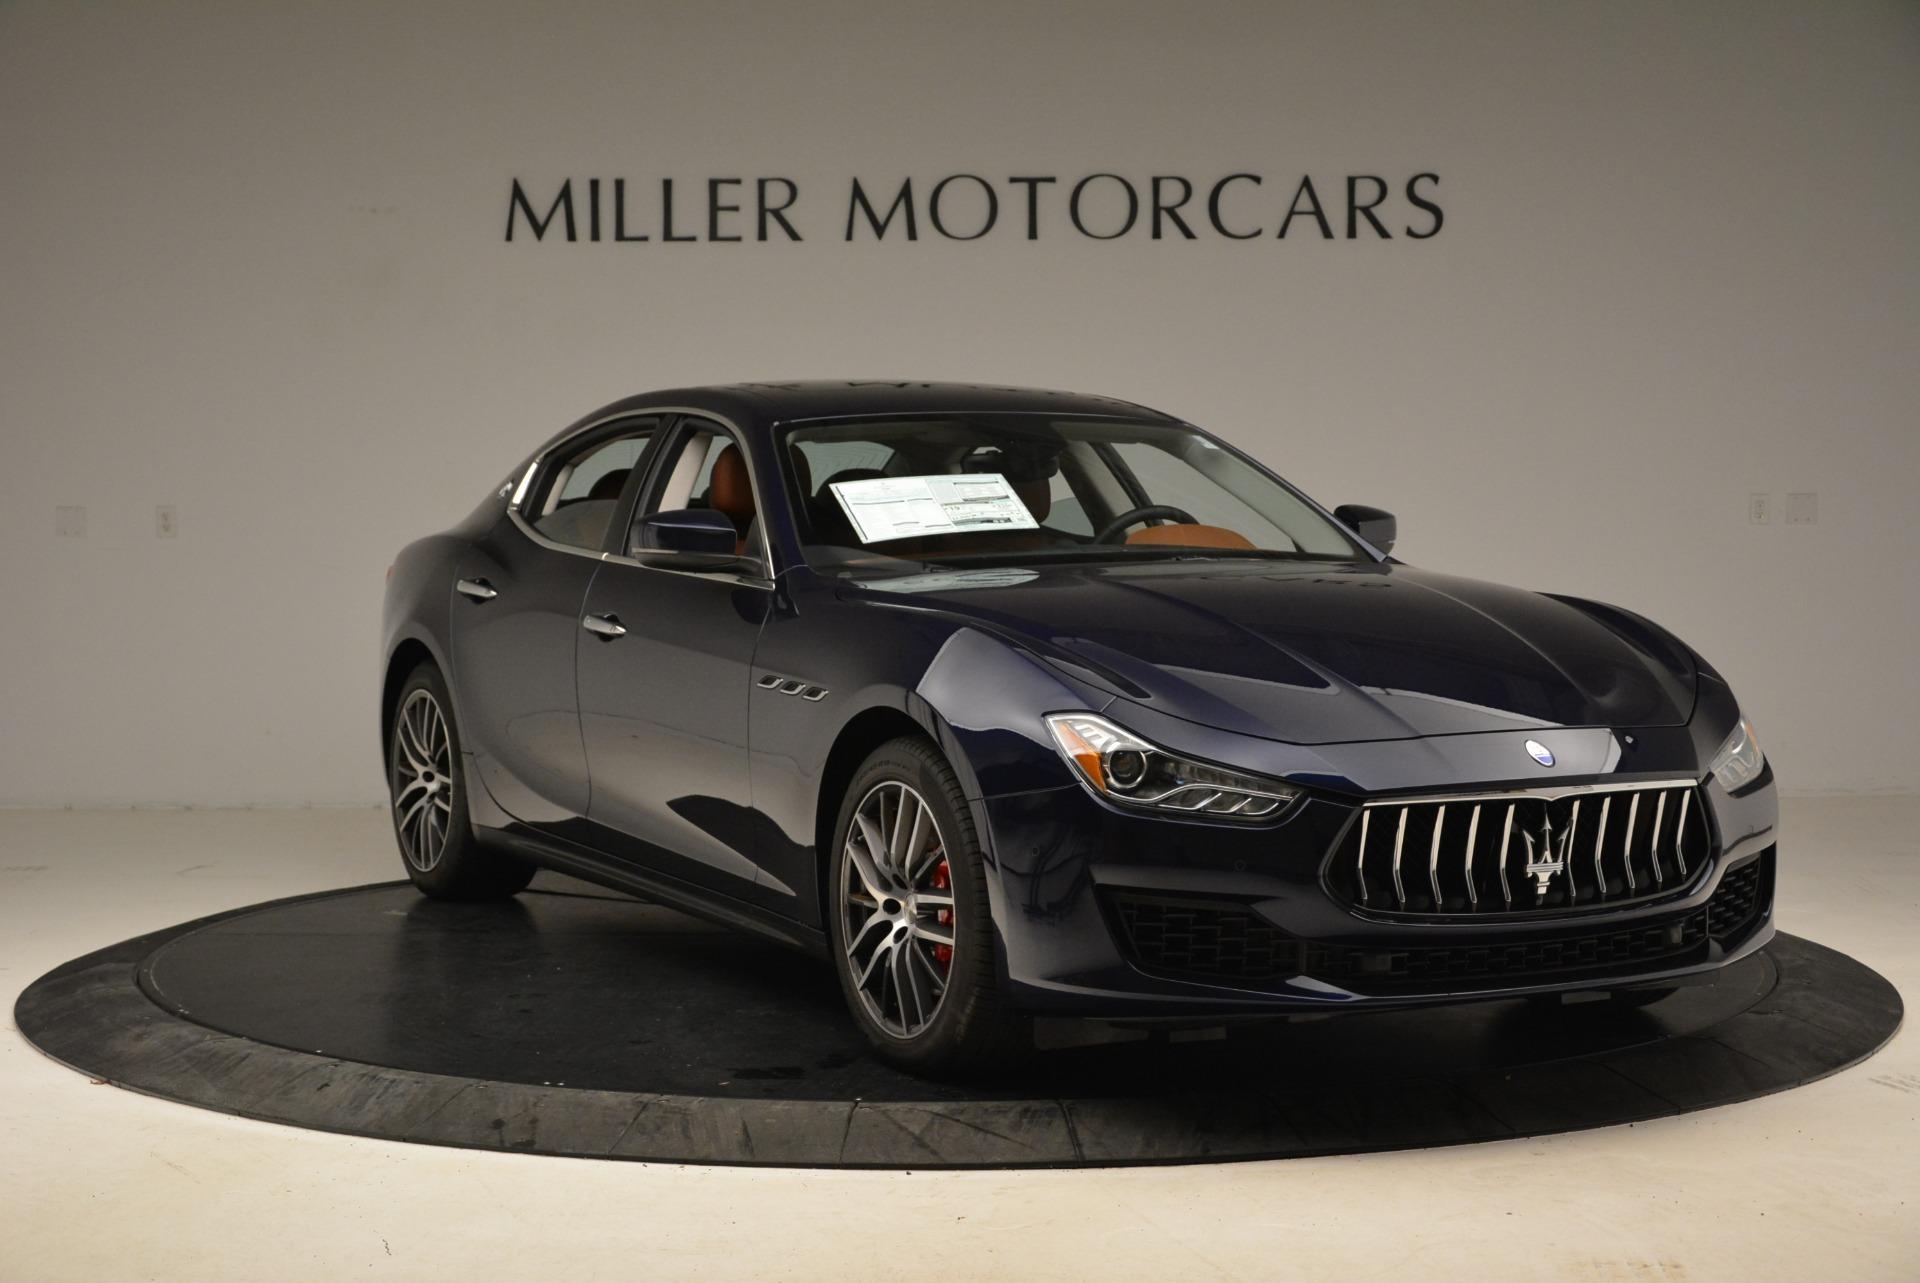 New 2019 Maserati Ghibli S Q4 For Sale In Greenwich, CT. Alfa Romeo of Greenwich, M2237 2794_p12